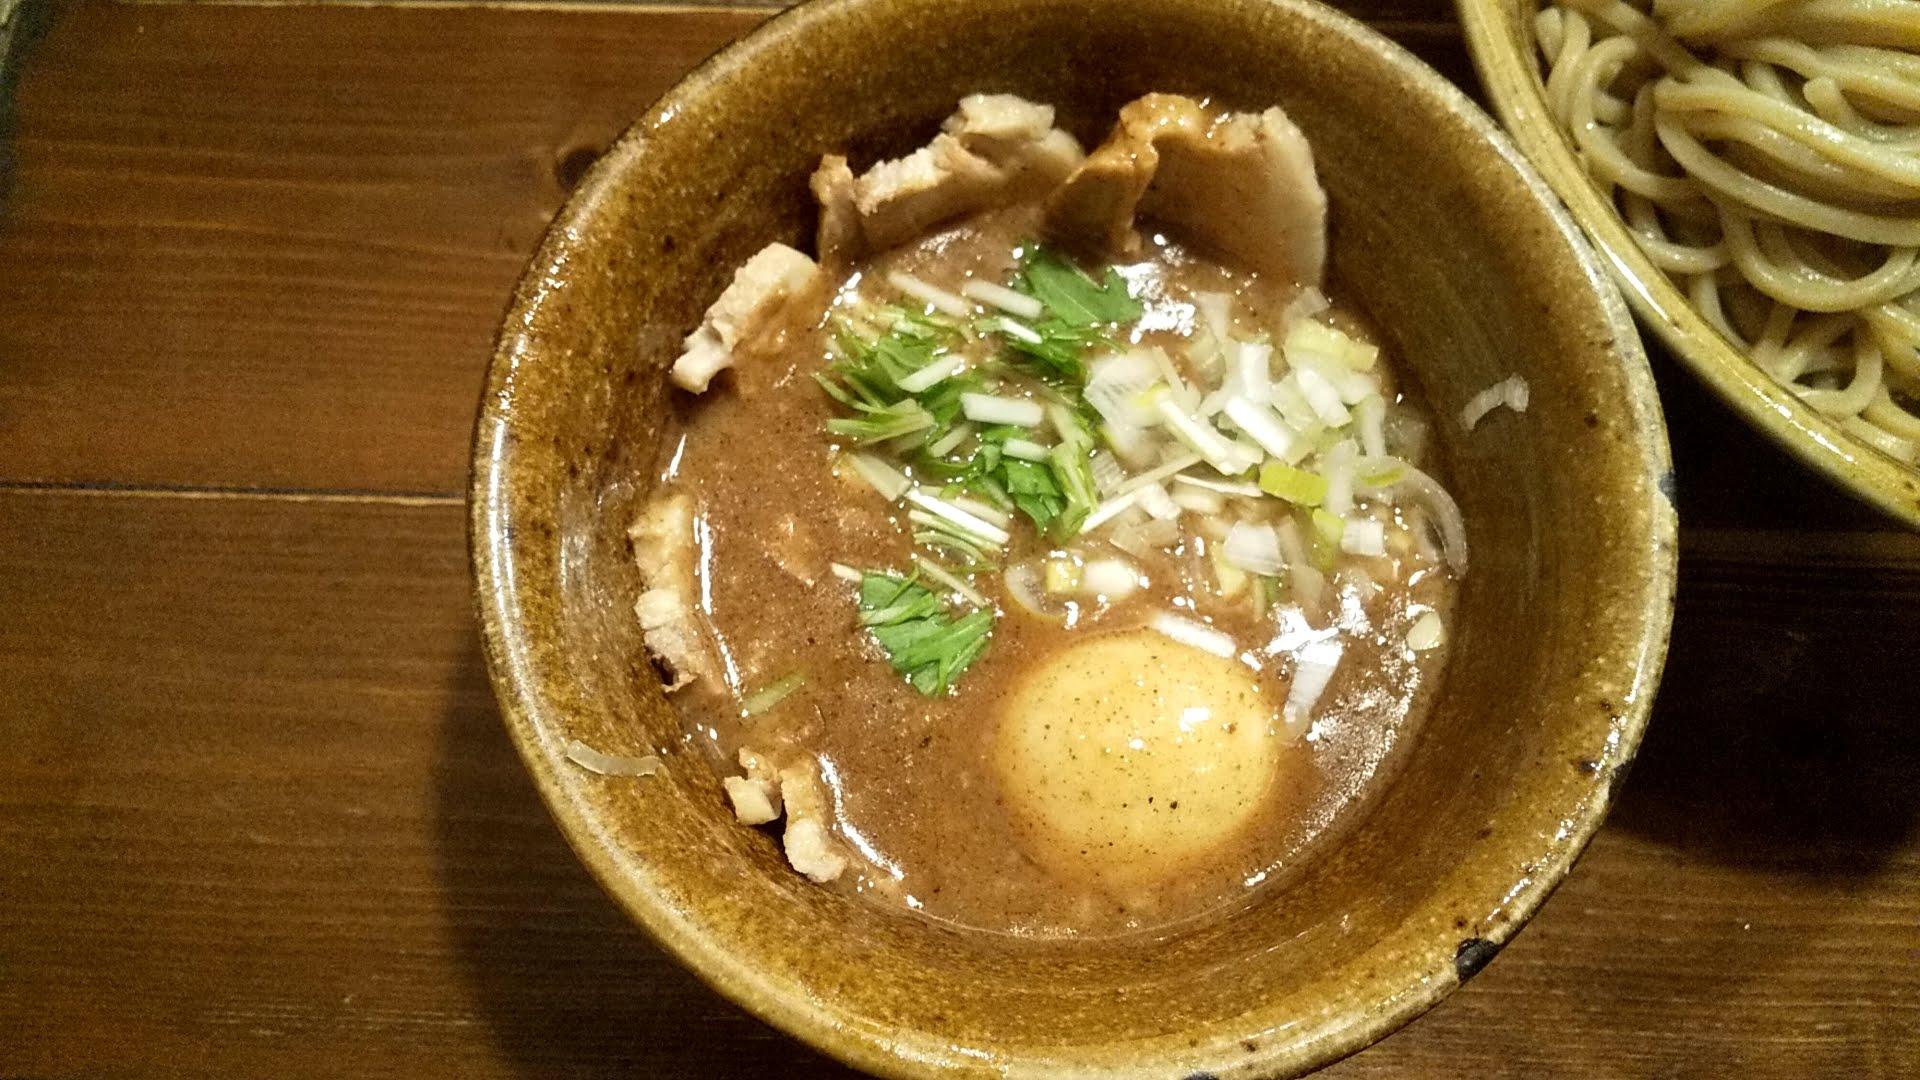 えん寺池袋店の味玉肉増しベジポタつけ麺のつけ汁